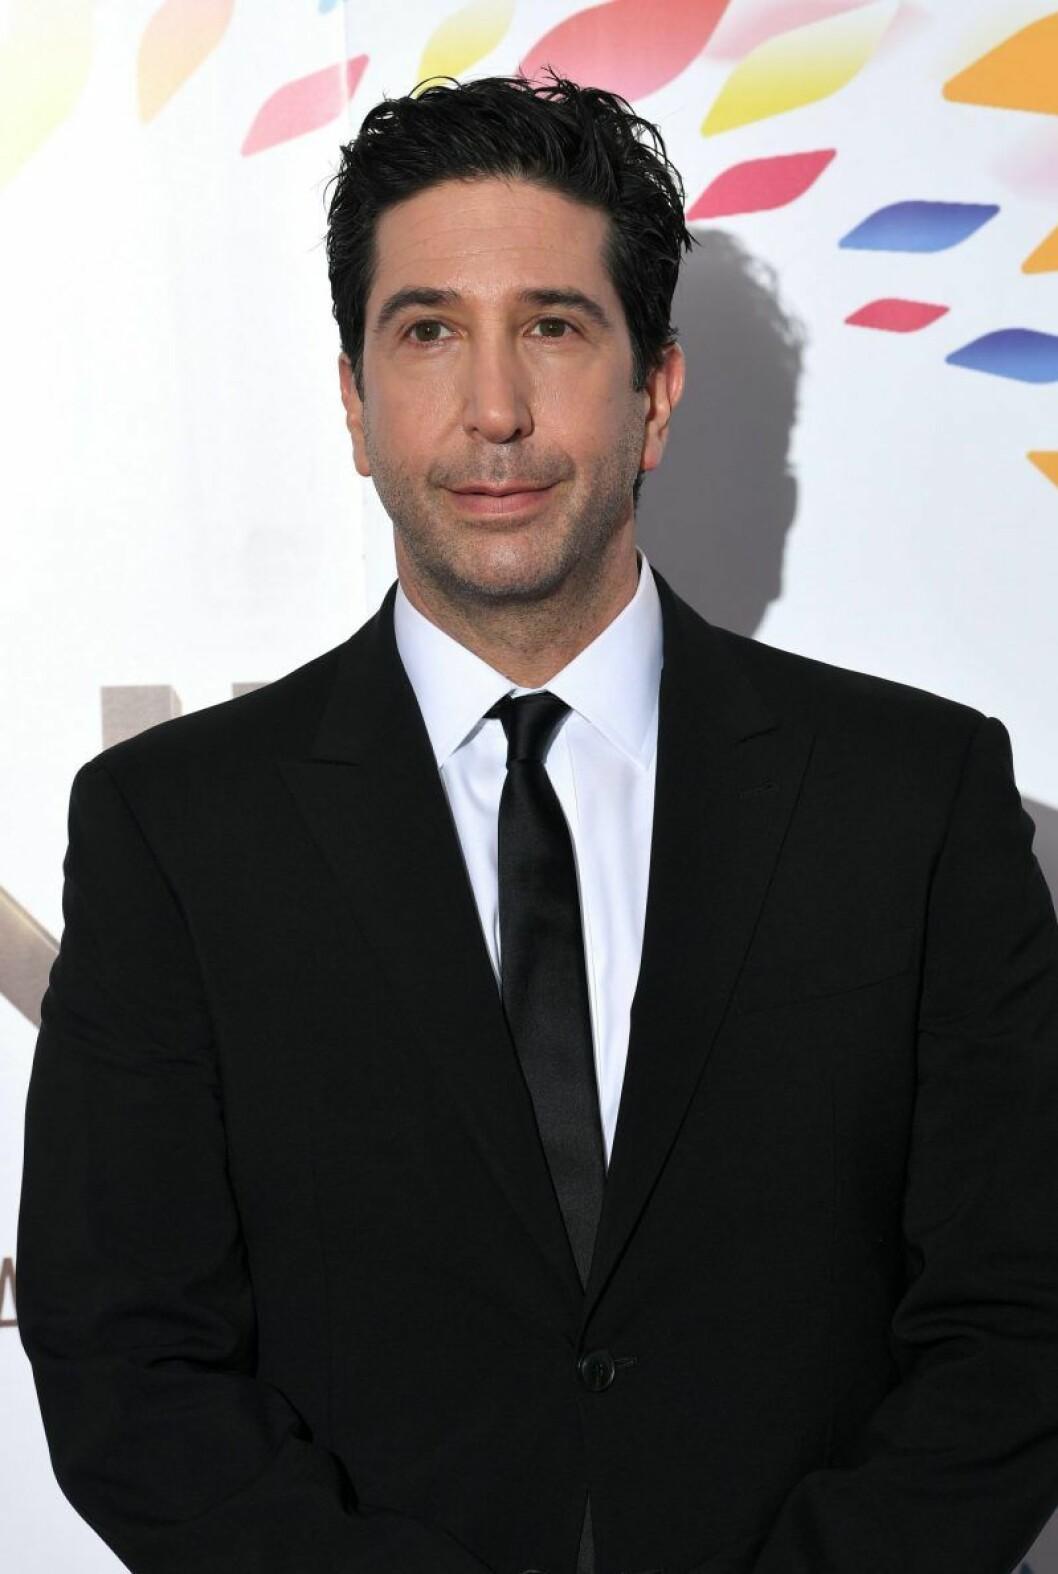 David Schwimmer i svart kostym och slips